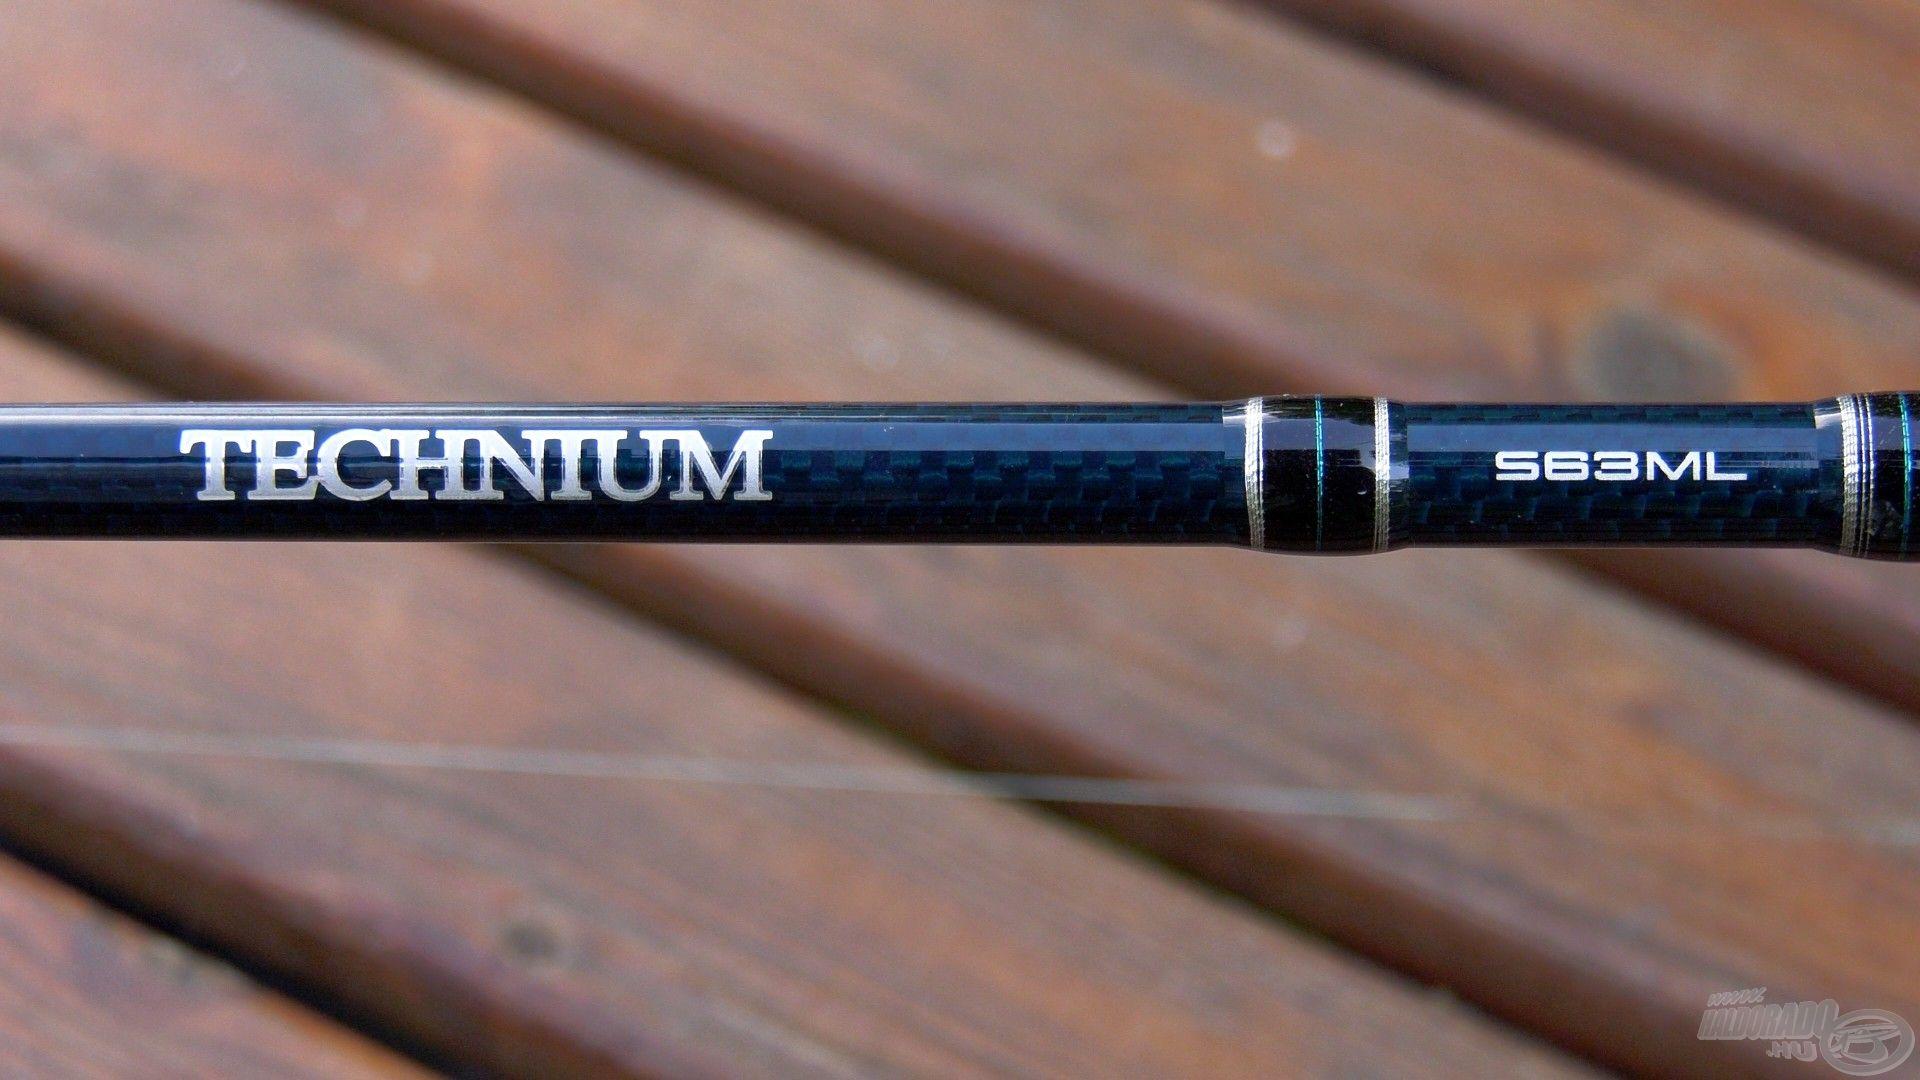 Az XT200-as karbon anyagnak köszönhetően villámgyors akciójú, hatalmas erőtartalékokkal rendelkező, mégis érzékeny pálca a Shimano Technium